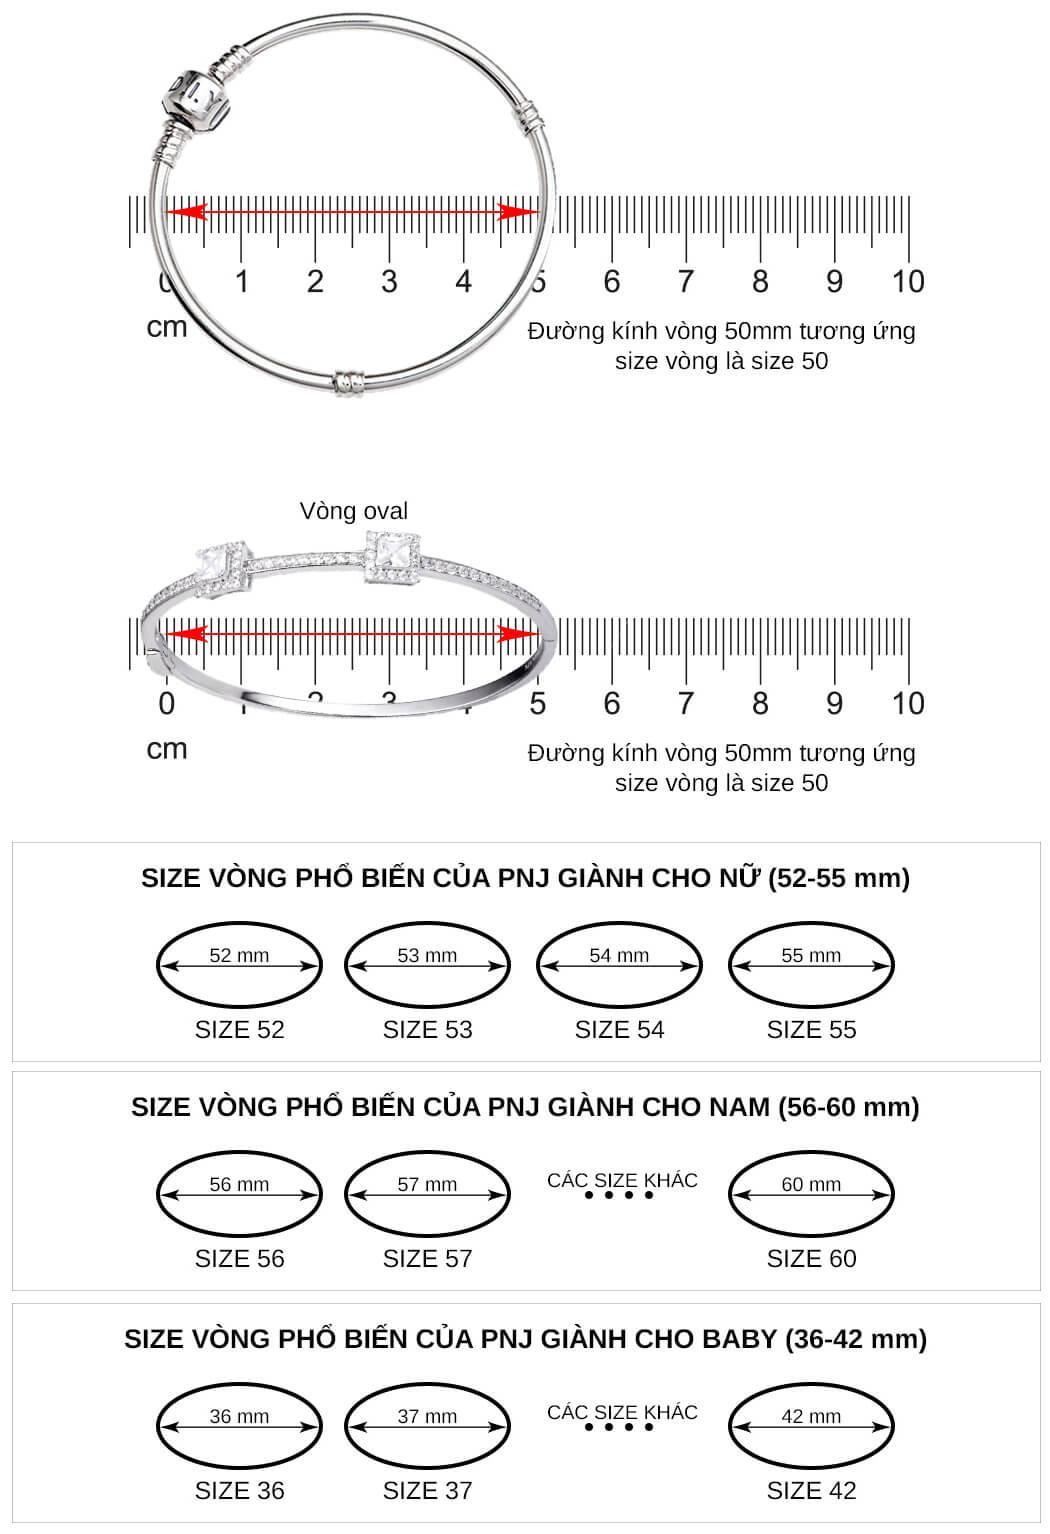 Cách đo size vòng tay